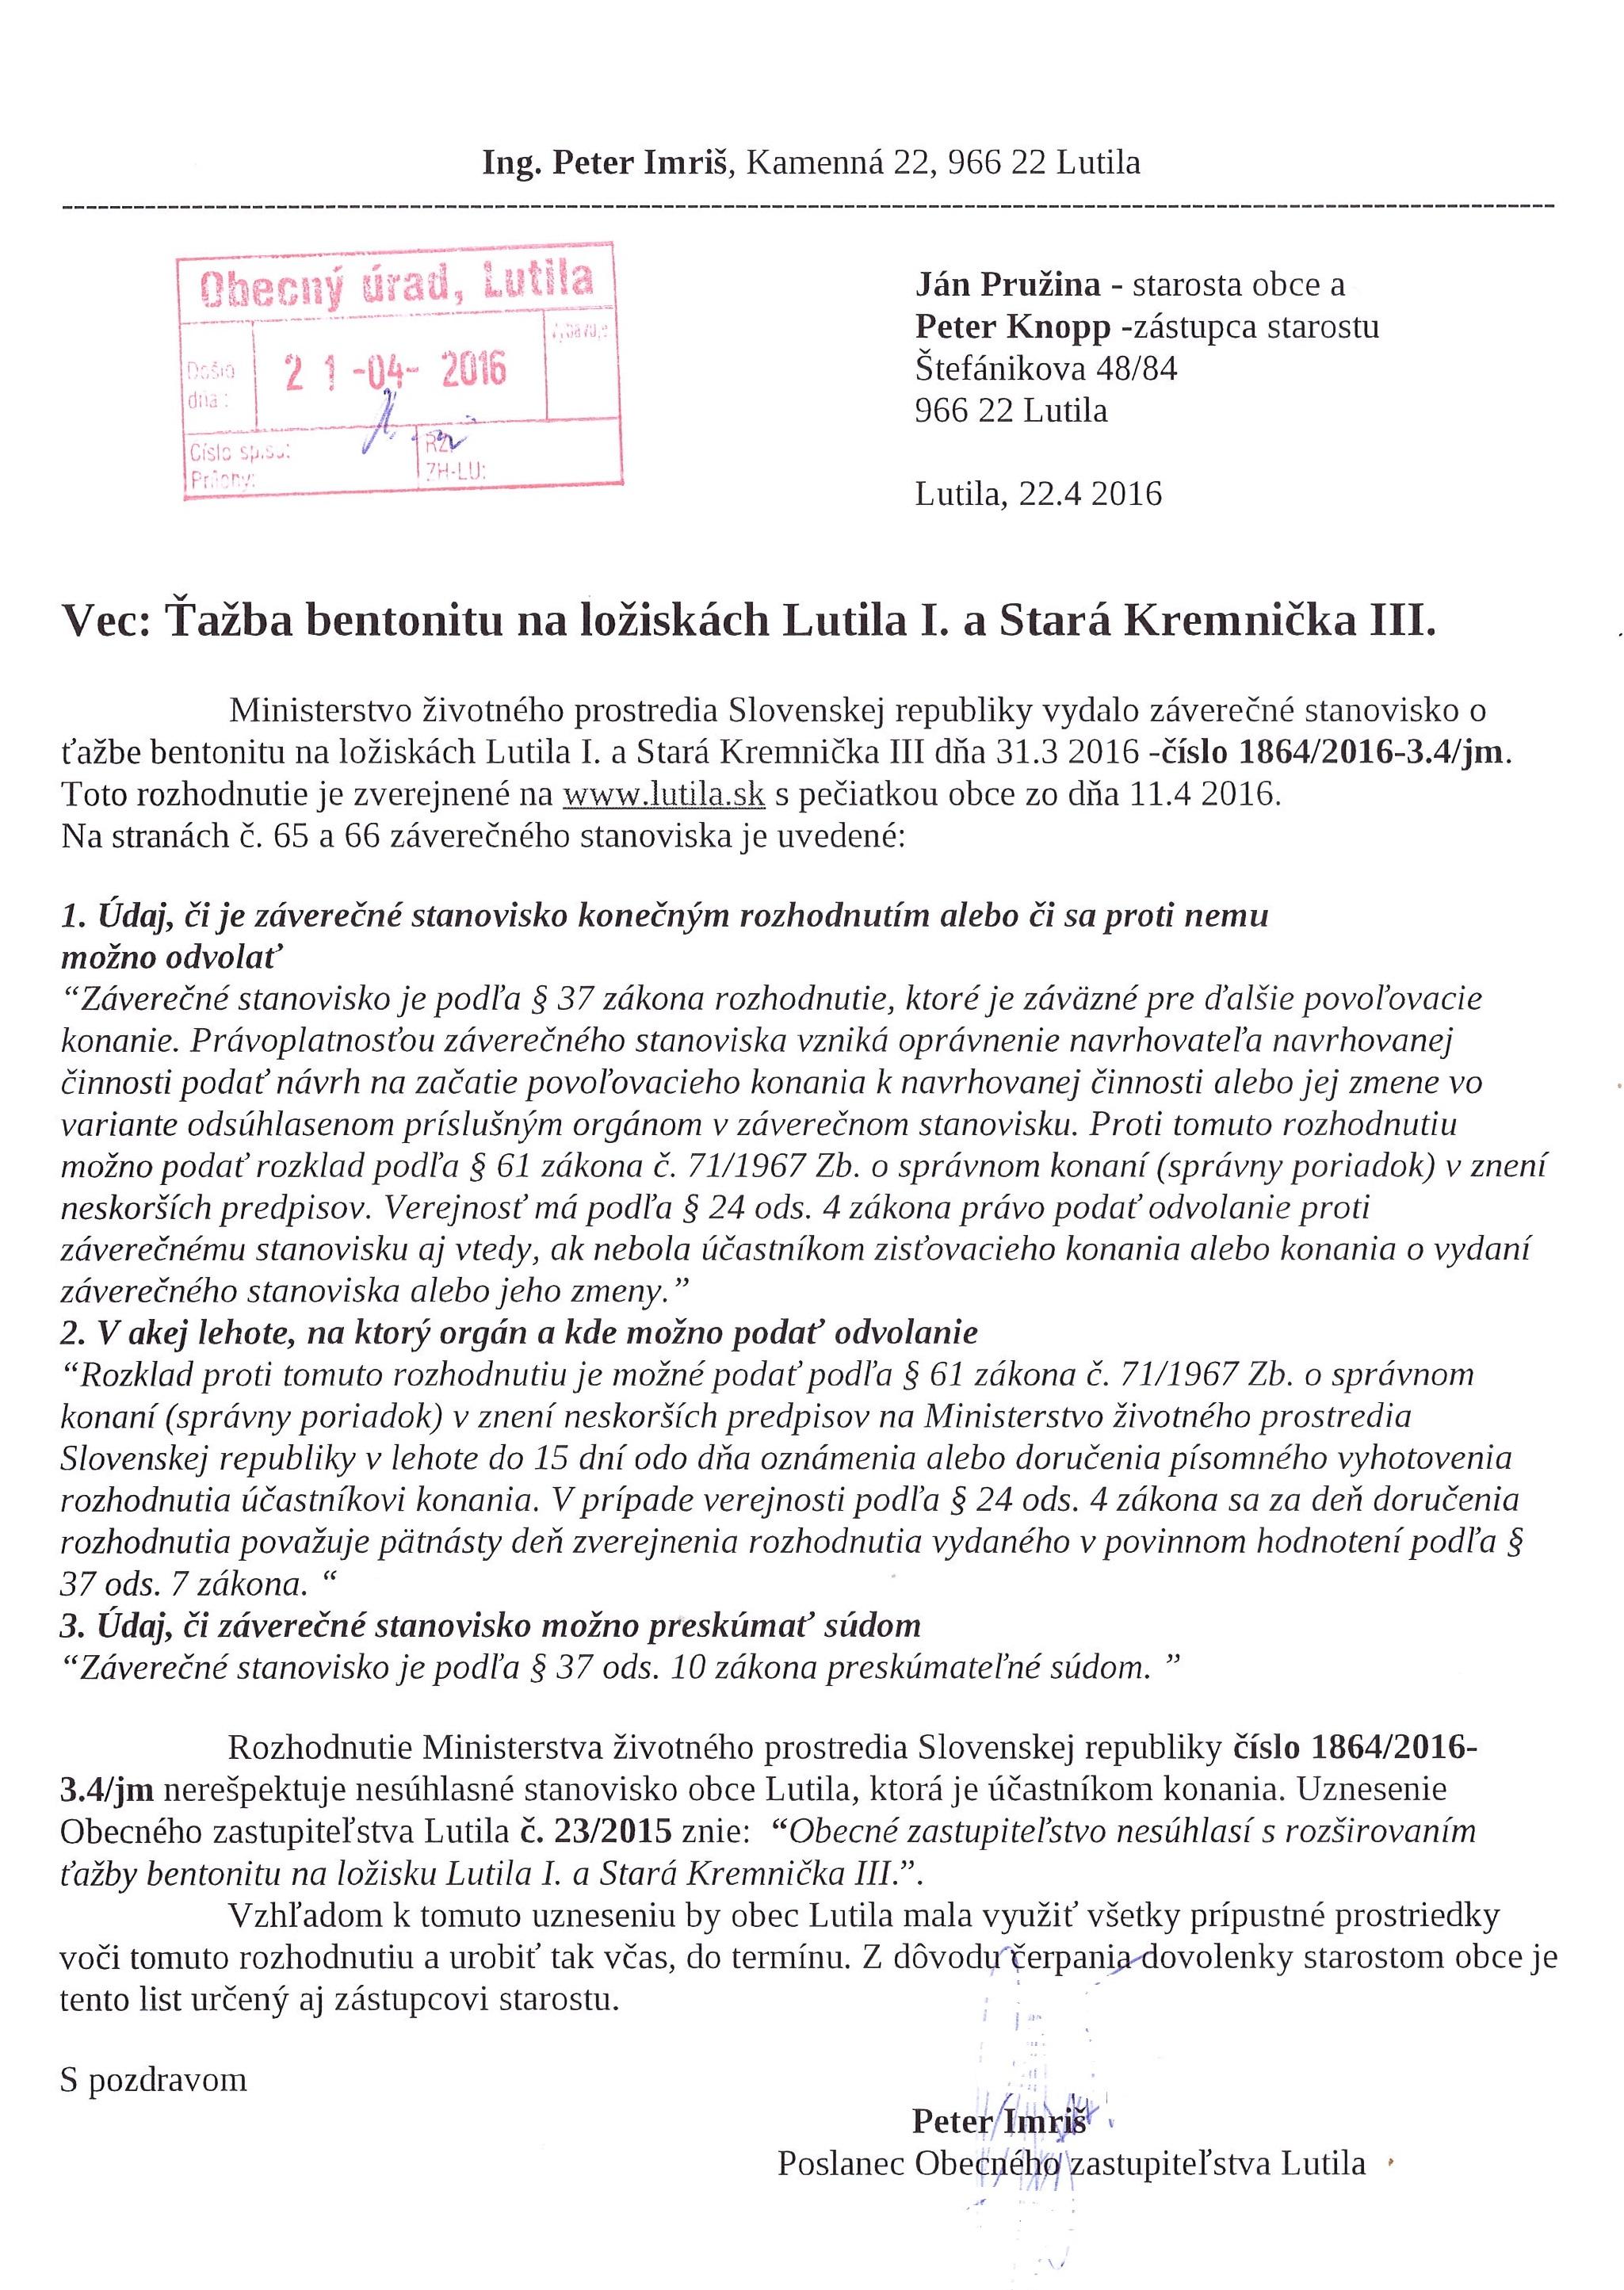 Obrázok: Žiadosť opozičného poslanca z 22.04.2016, aby sa obec odvolala voči EIA.